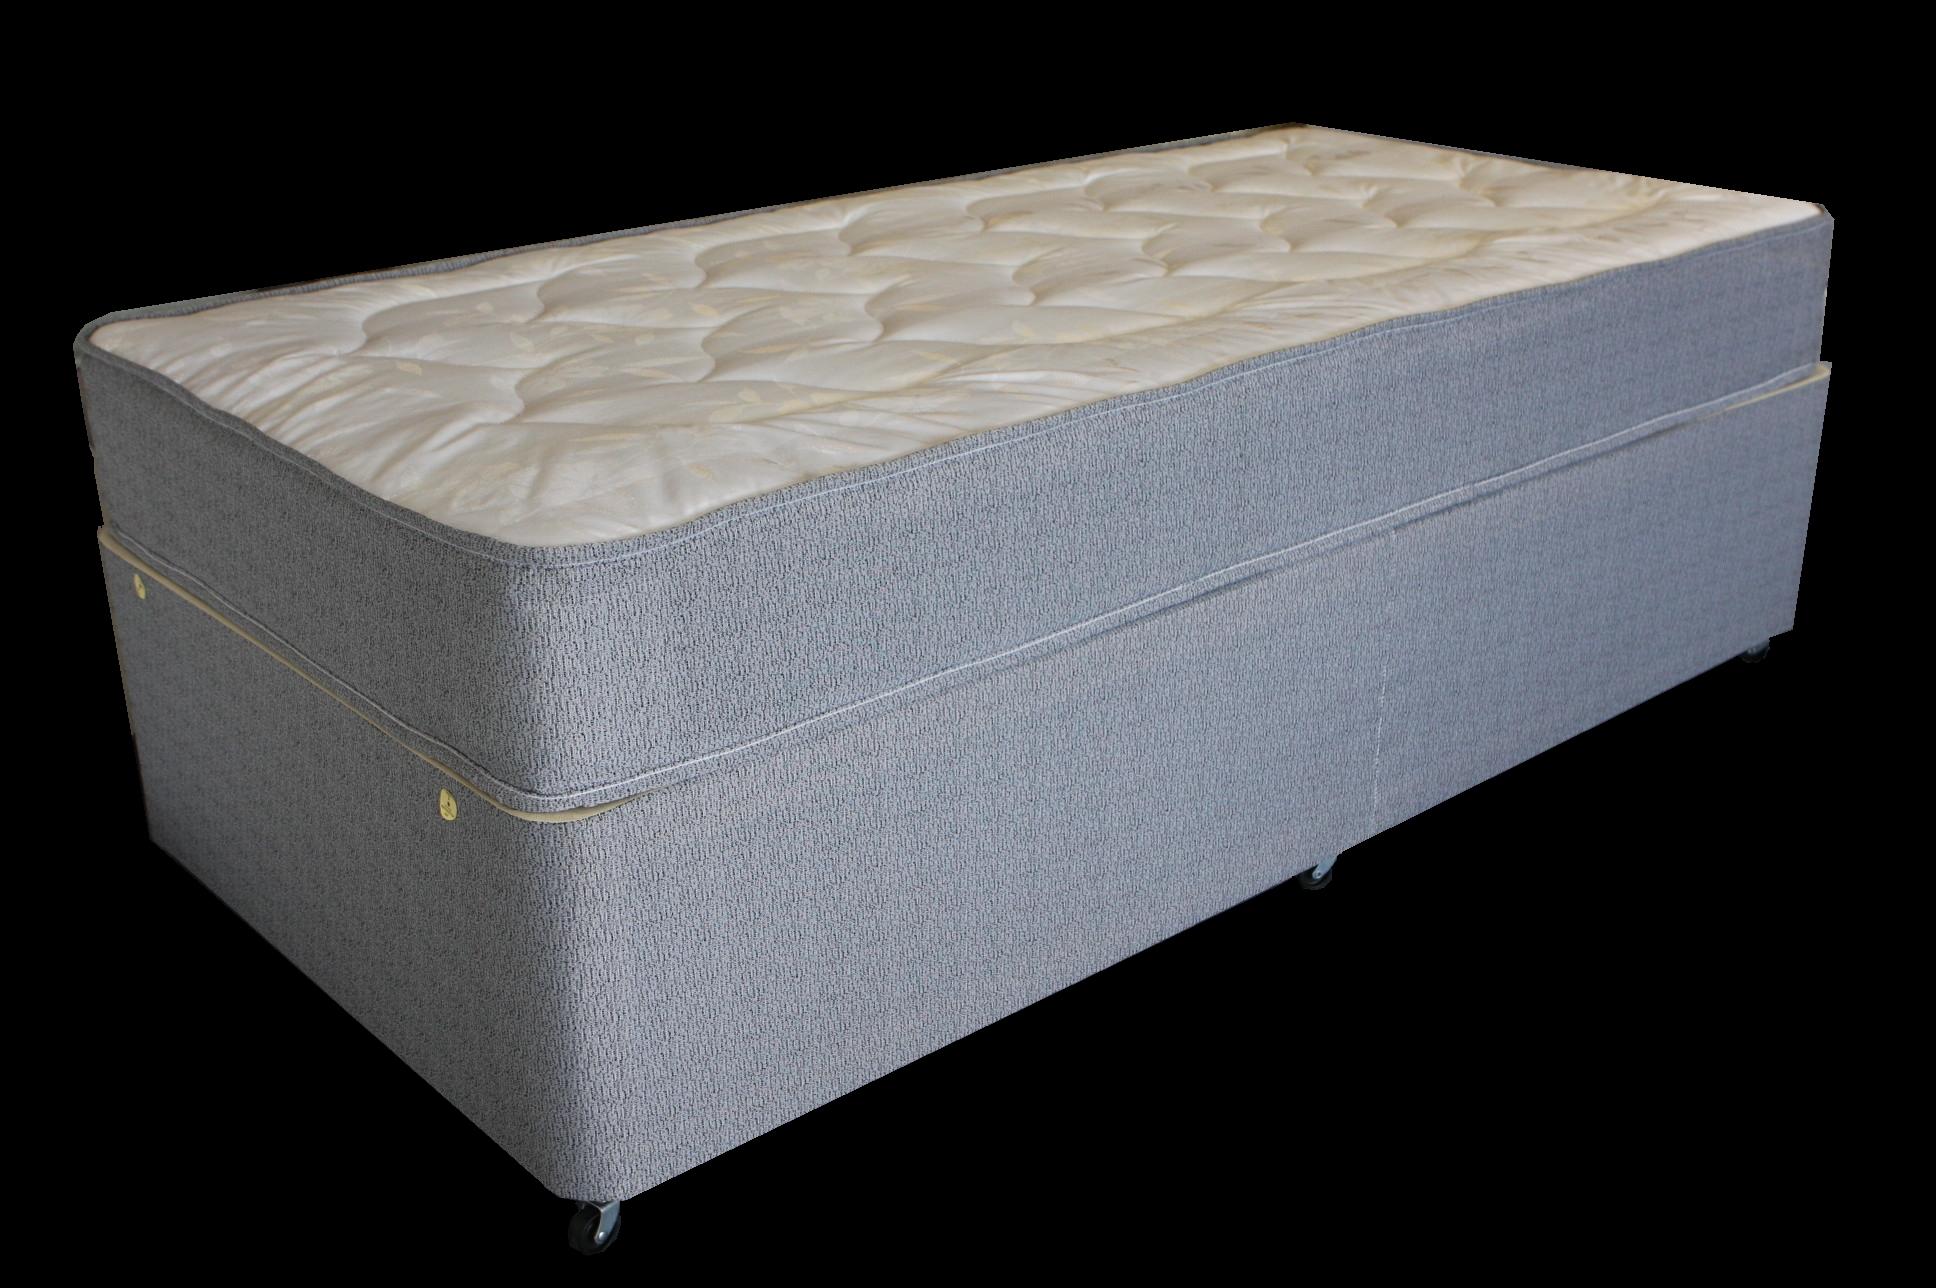 2ft6 Small Single Deluxe Comfort Divan Bed